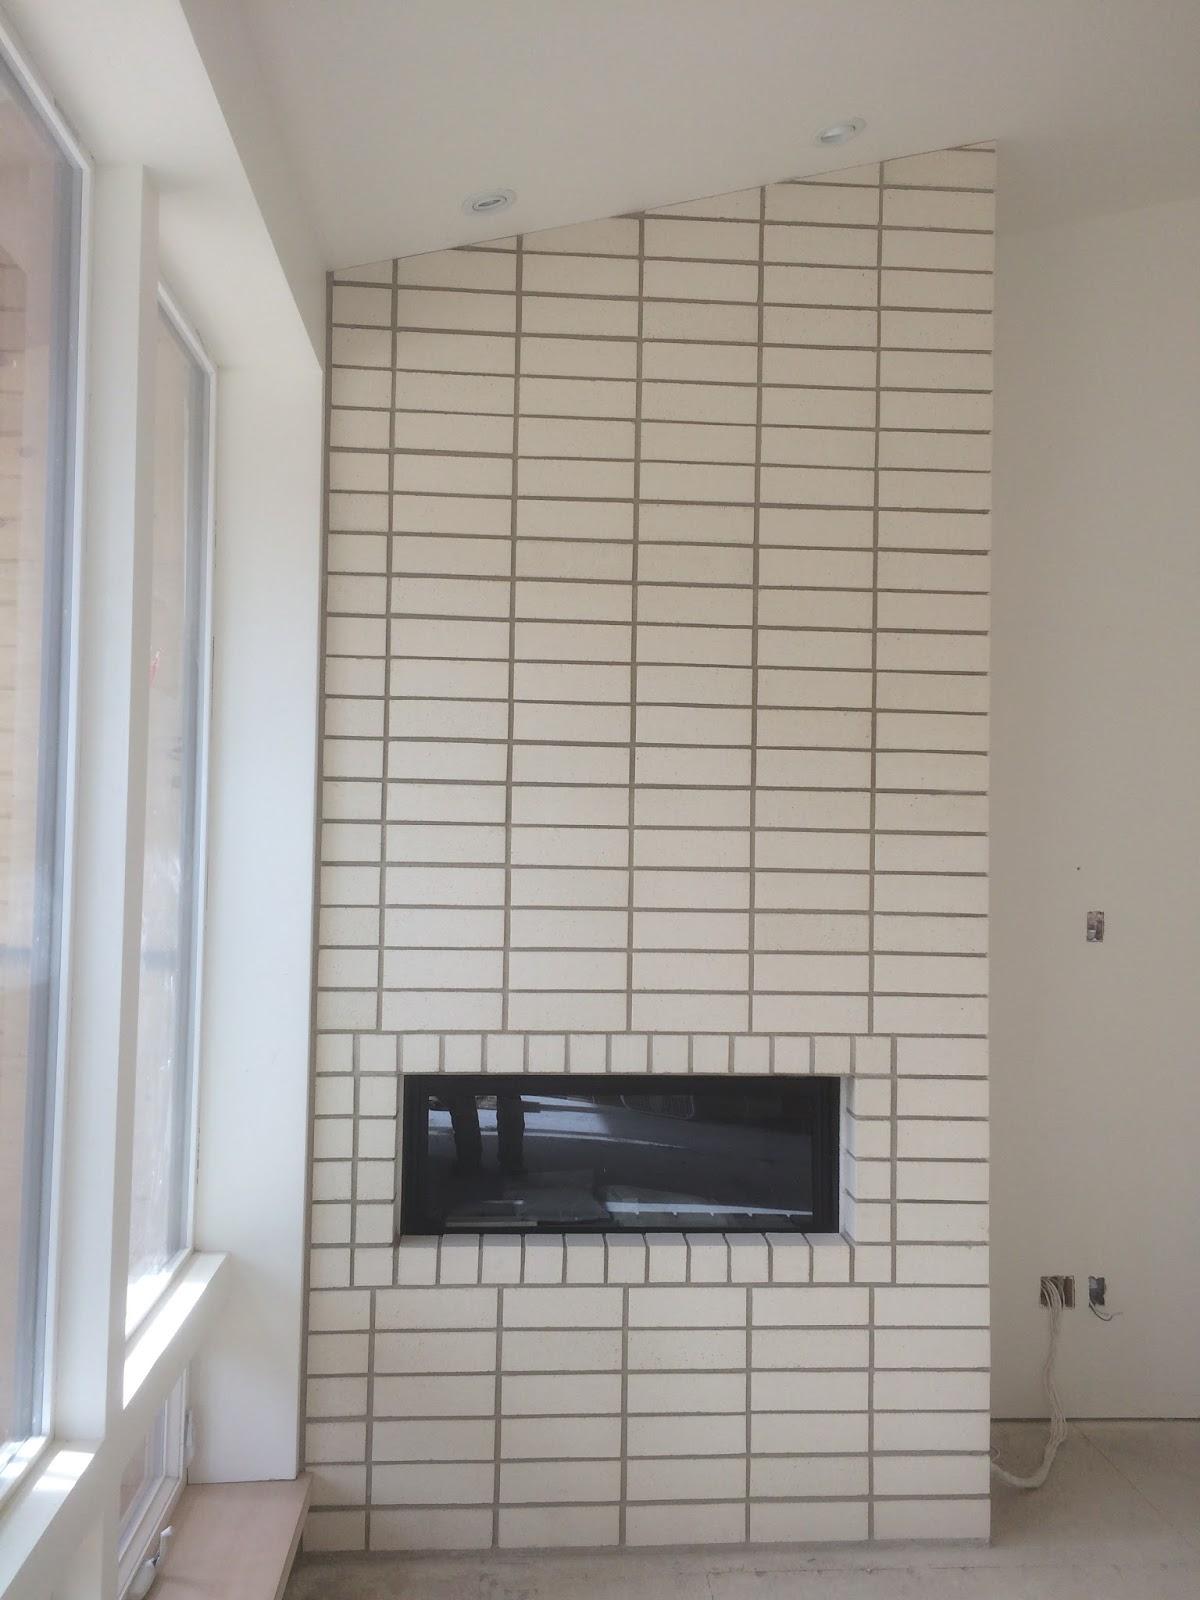 Boisineau Masonry Stacked Bond Brick Fireplace In